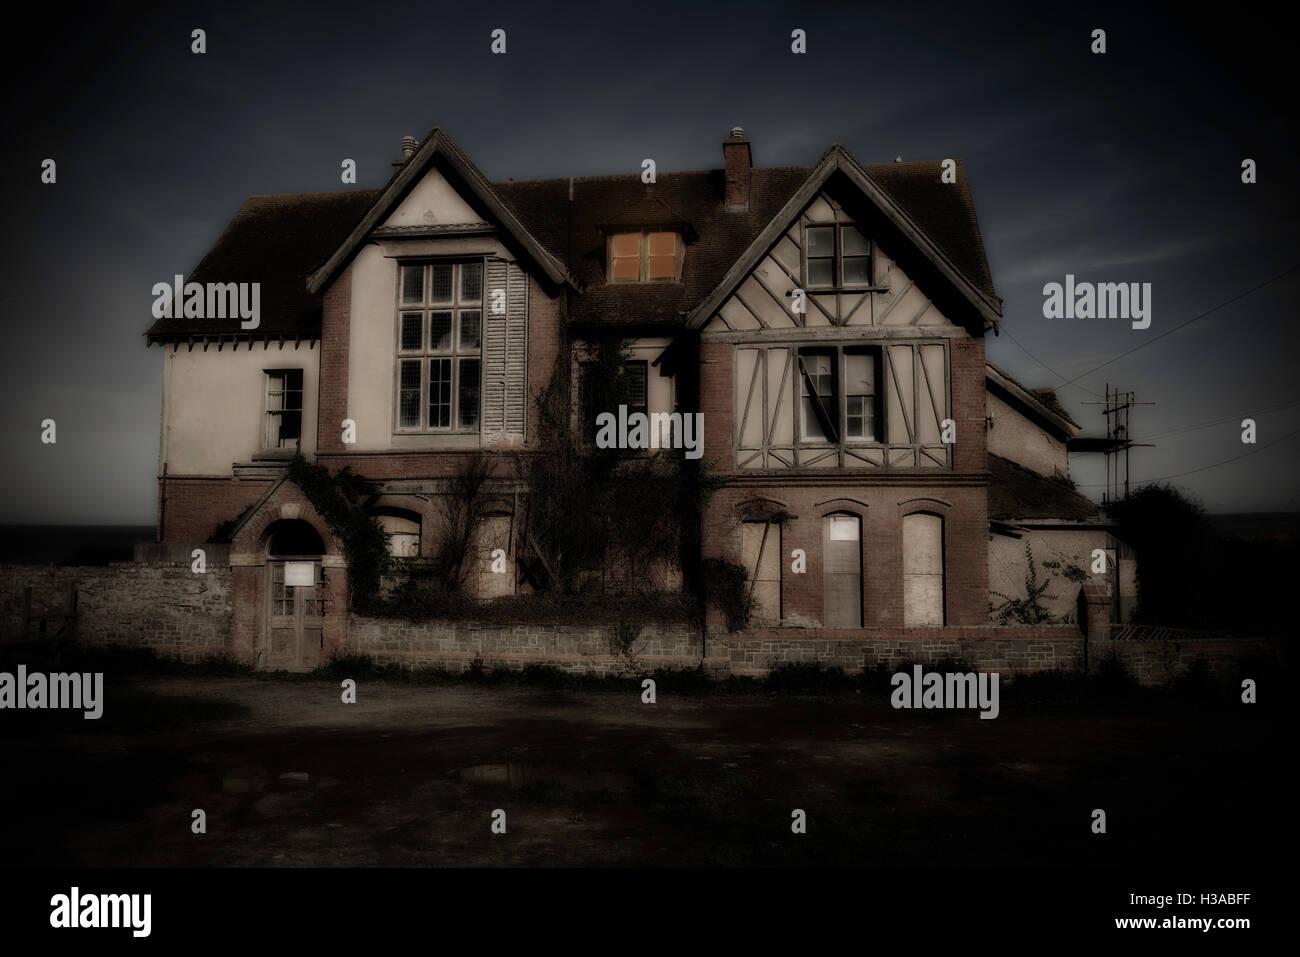 Un escalofriante y abandonados en busca casa embrujada Imagen De Stock